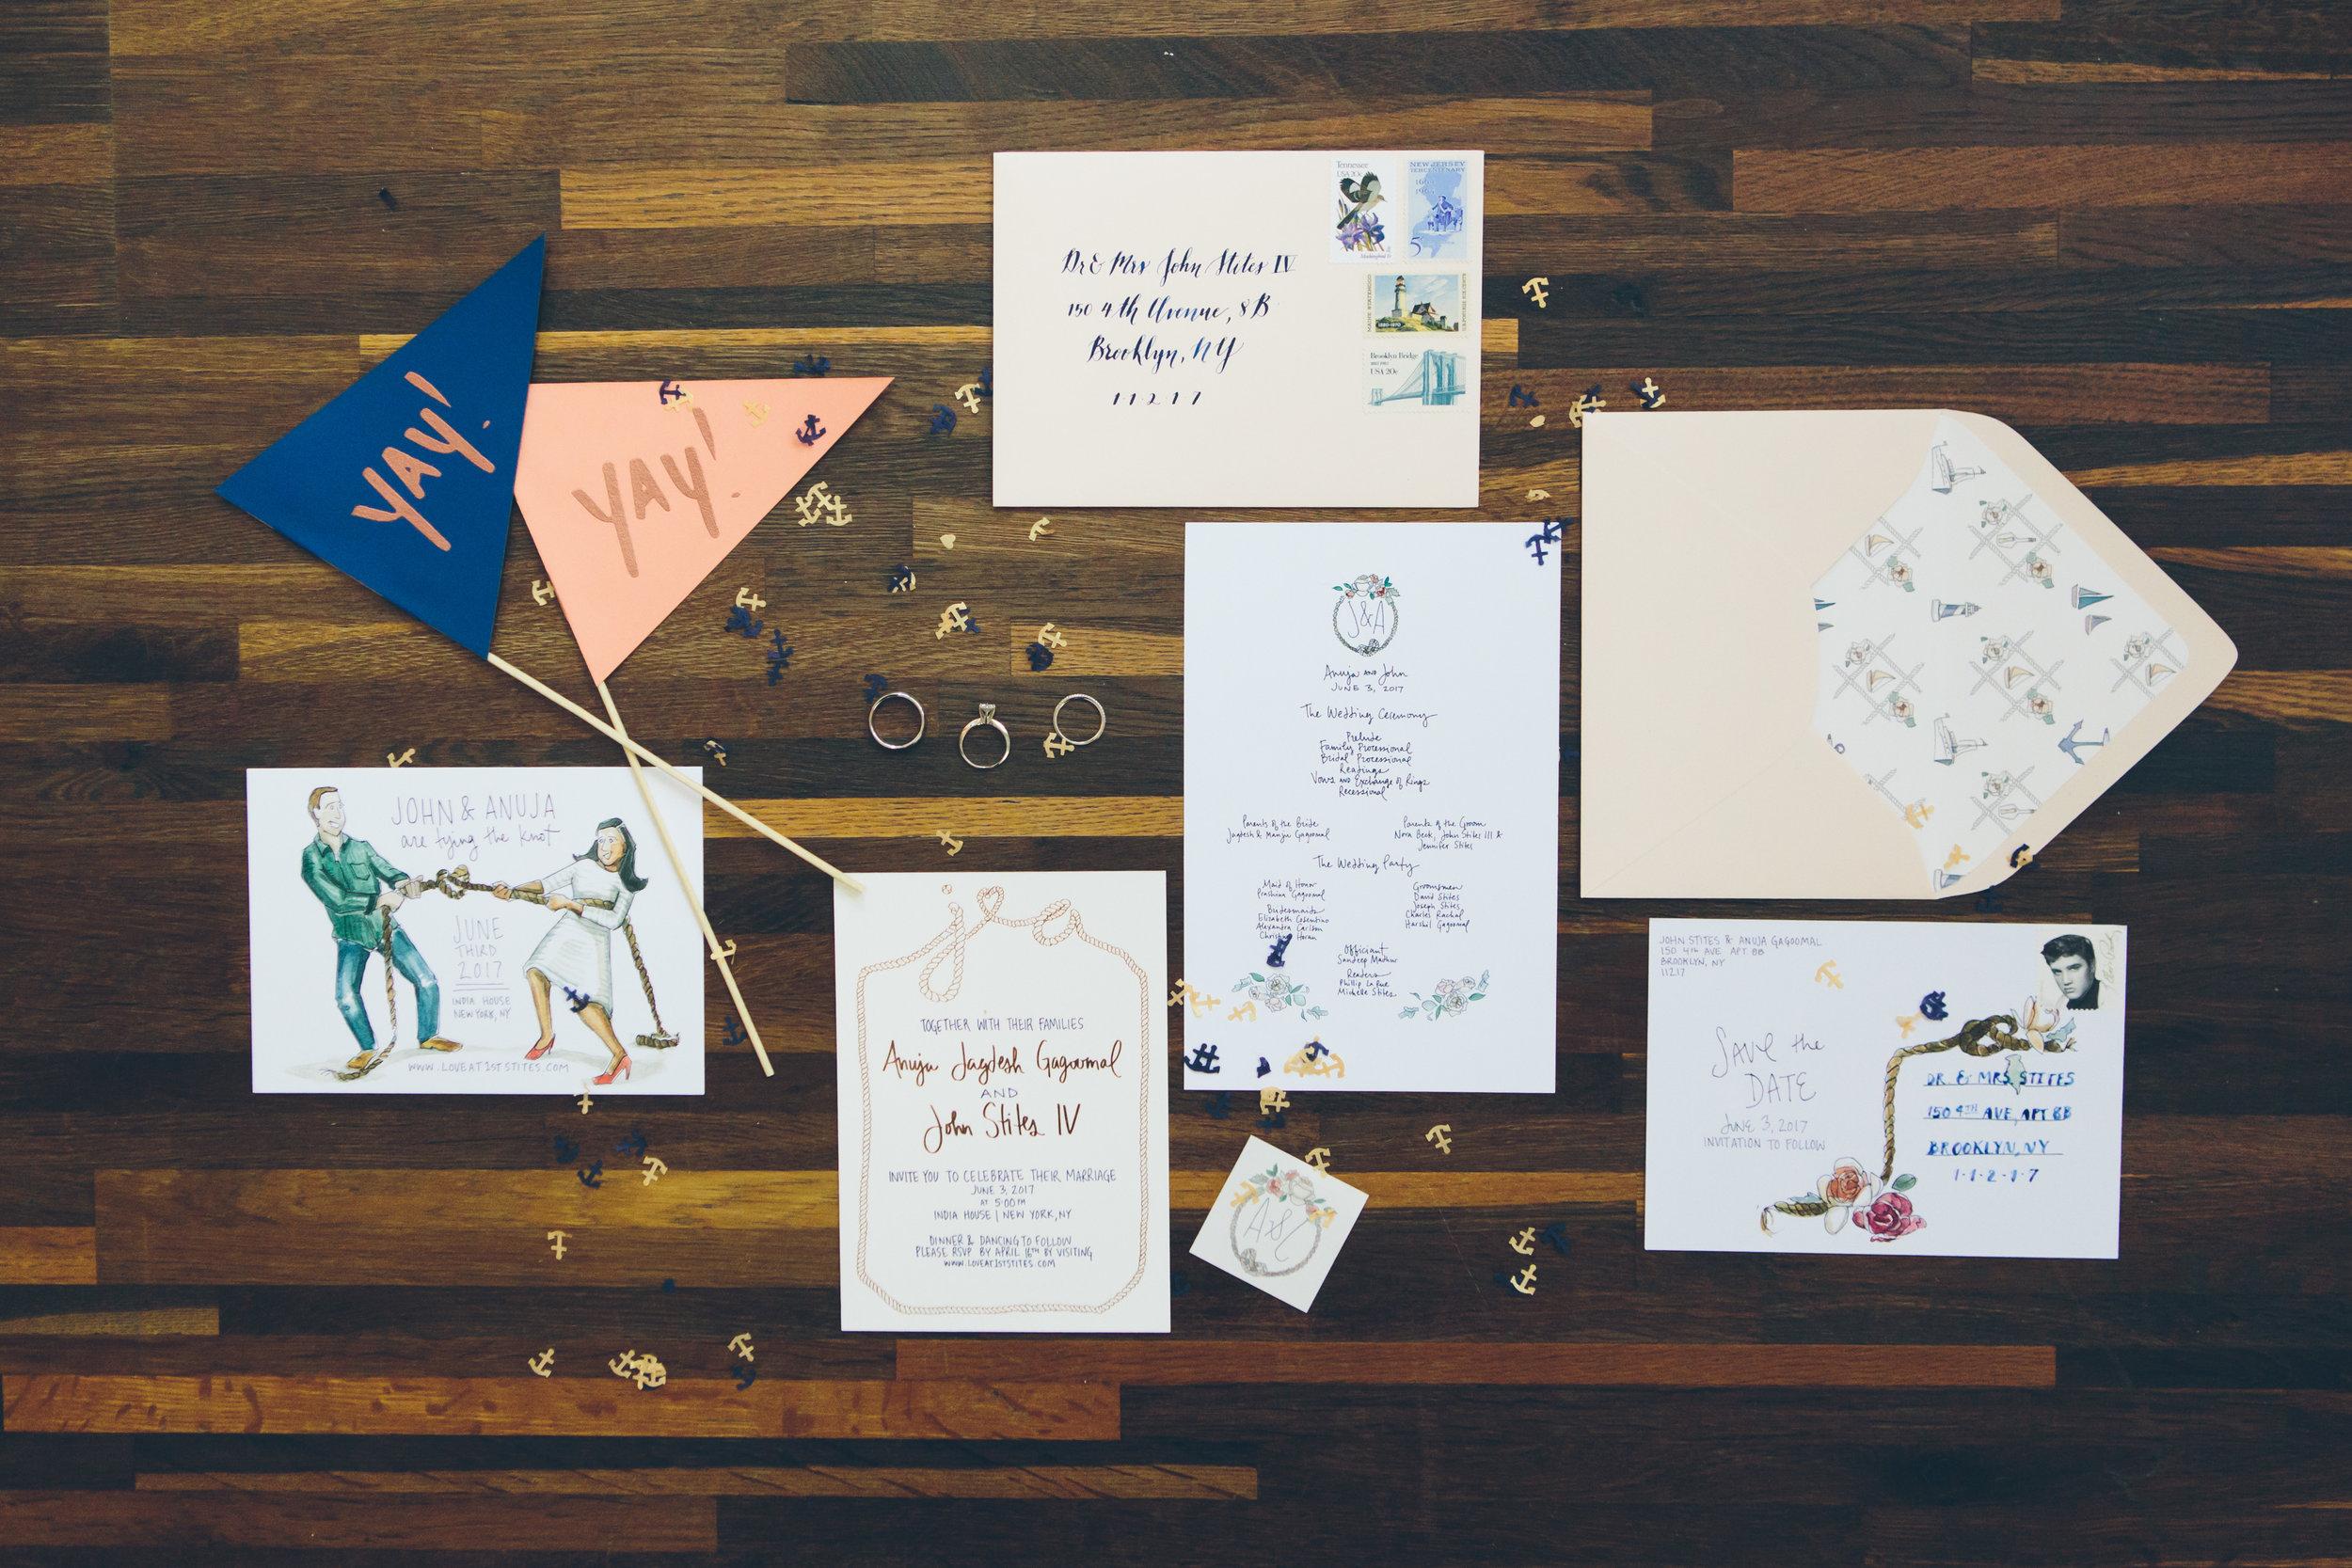 ANUJA-JOHN-NYC-WEDDING-INDIAHOUSE-DETAILS-CYNTHIACHUNG-0033.jpg